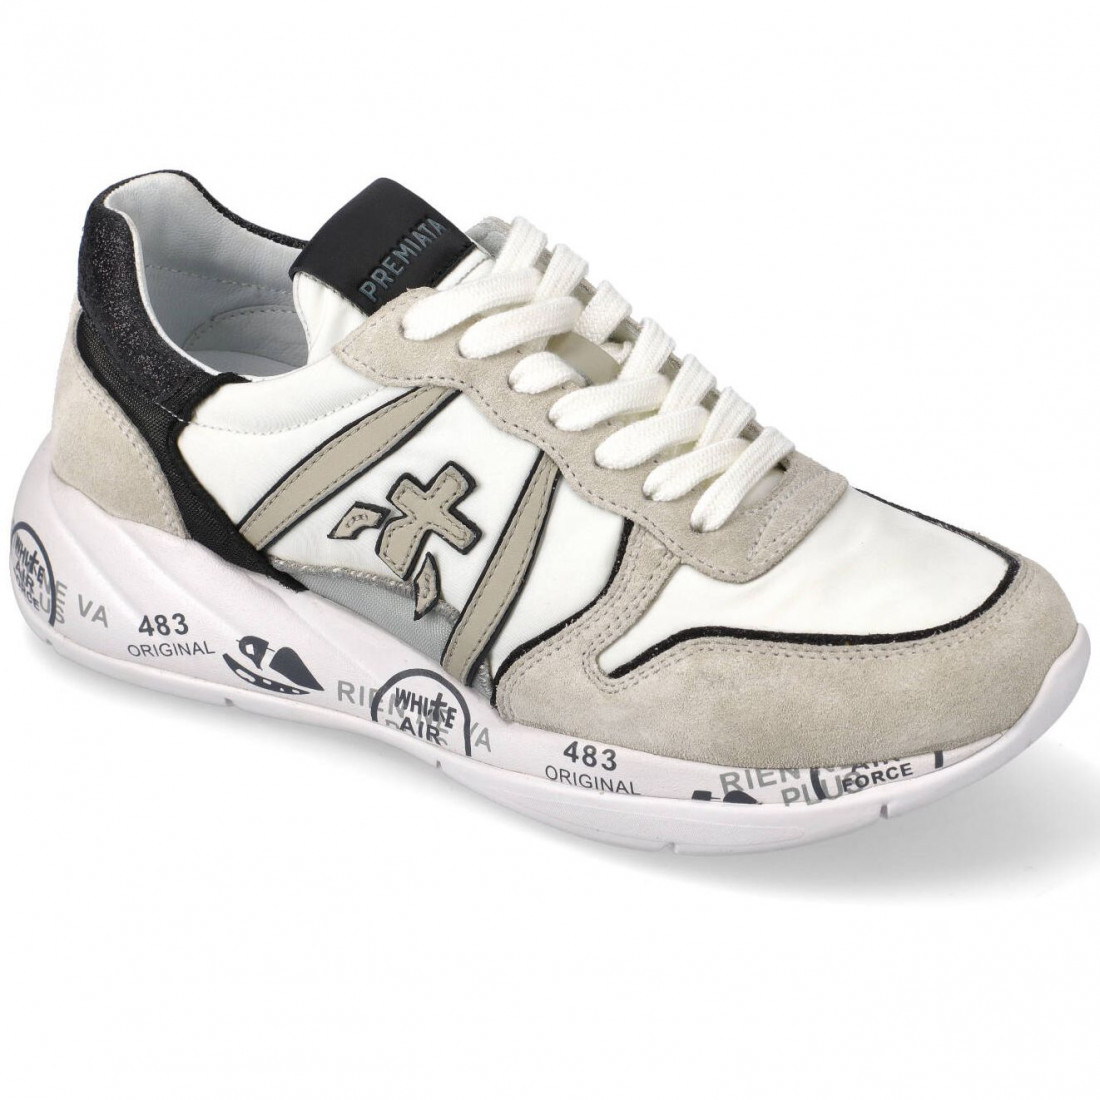 sneakers woman premiata layla5417 8958